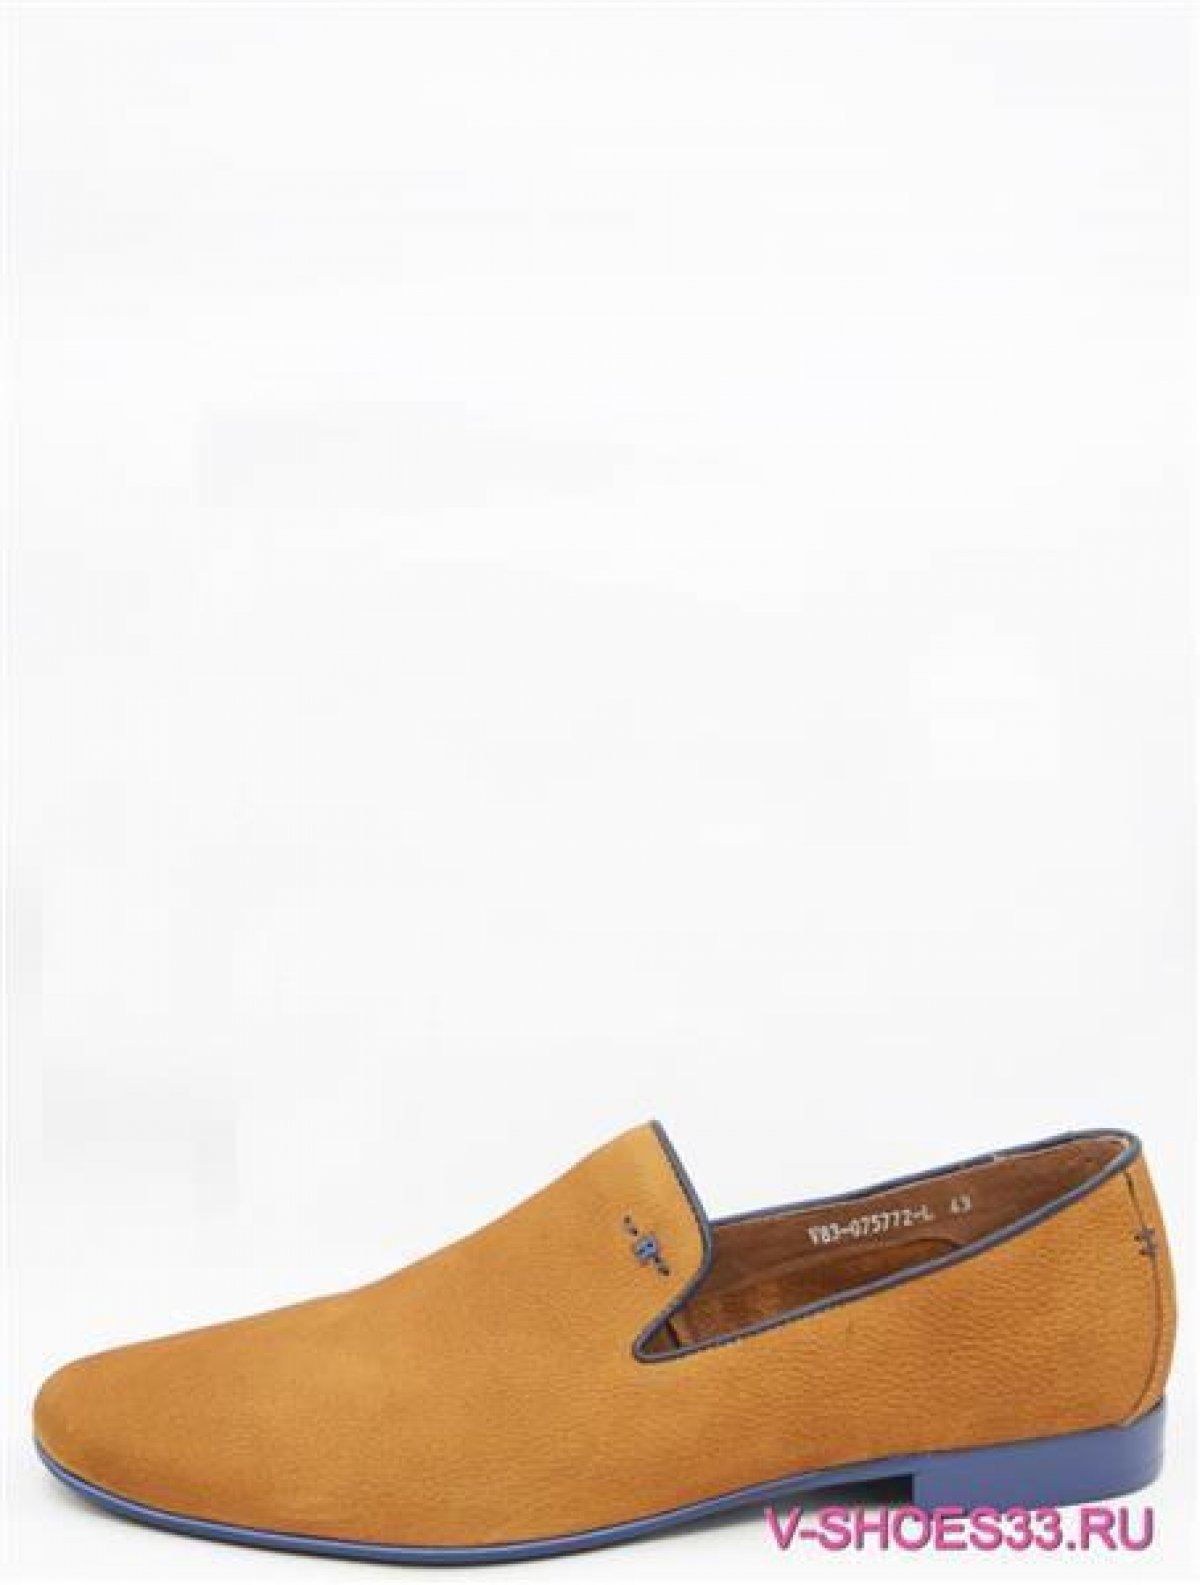 V83-075772 мужские туфли